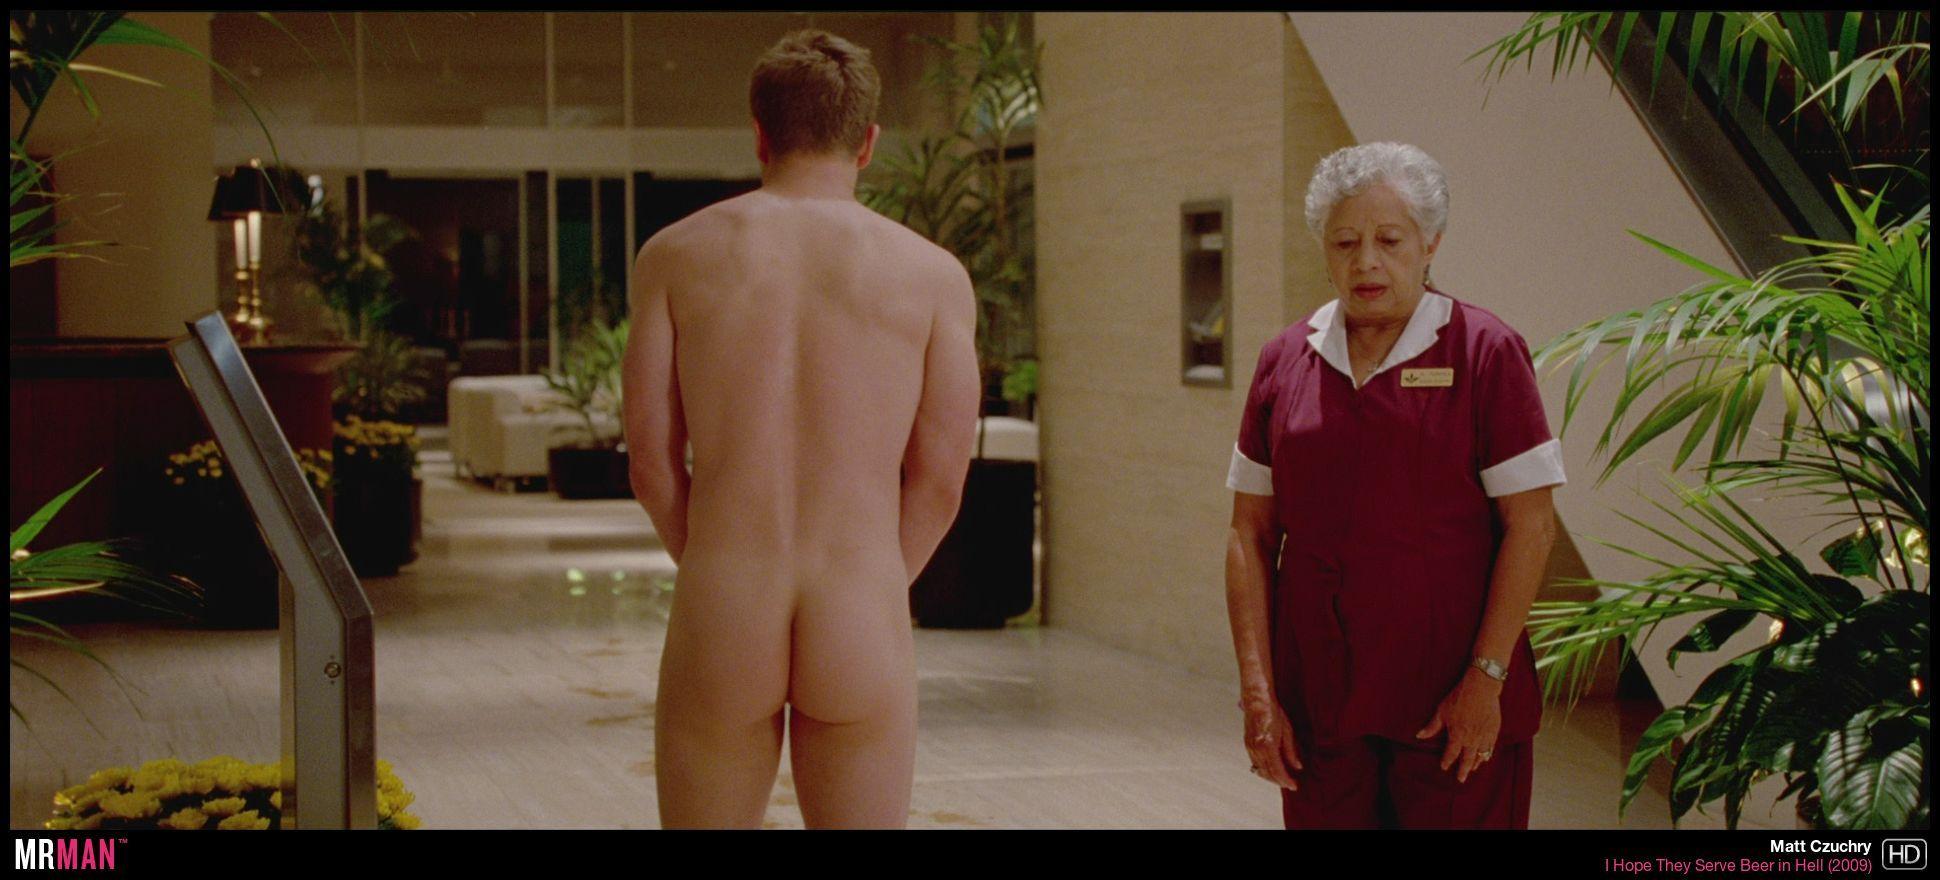 Matt czuchry naked